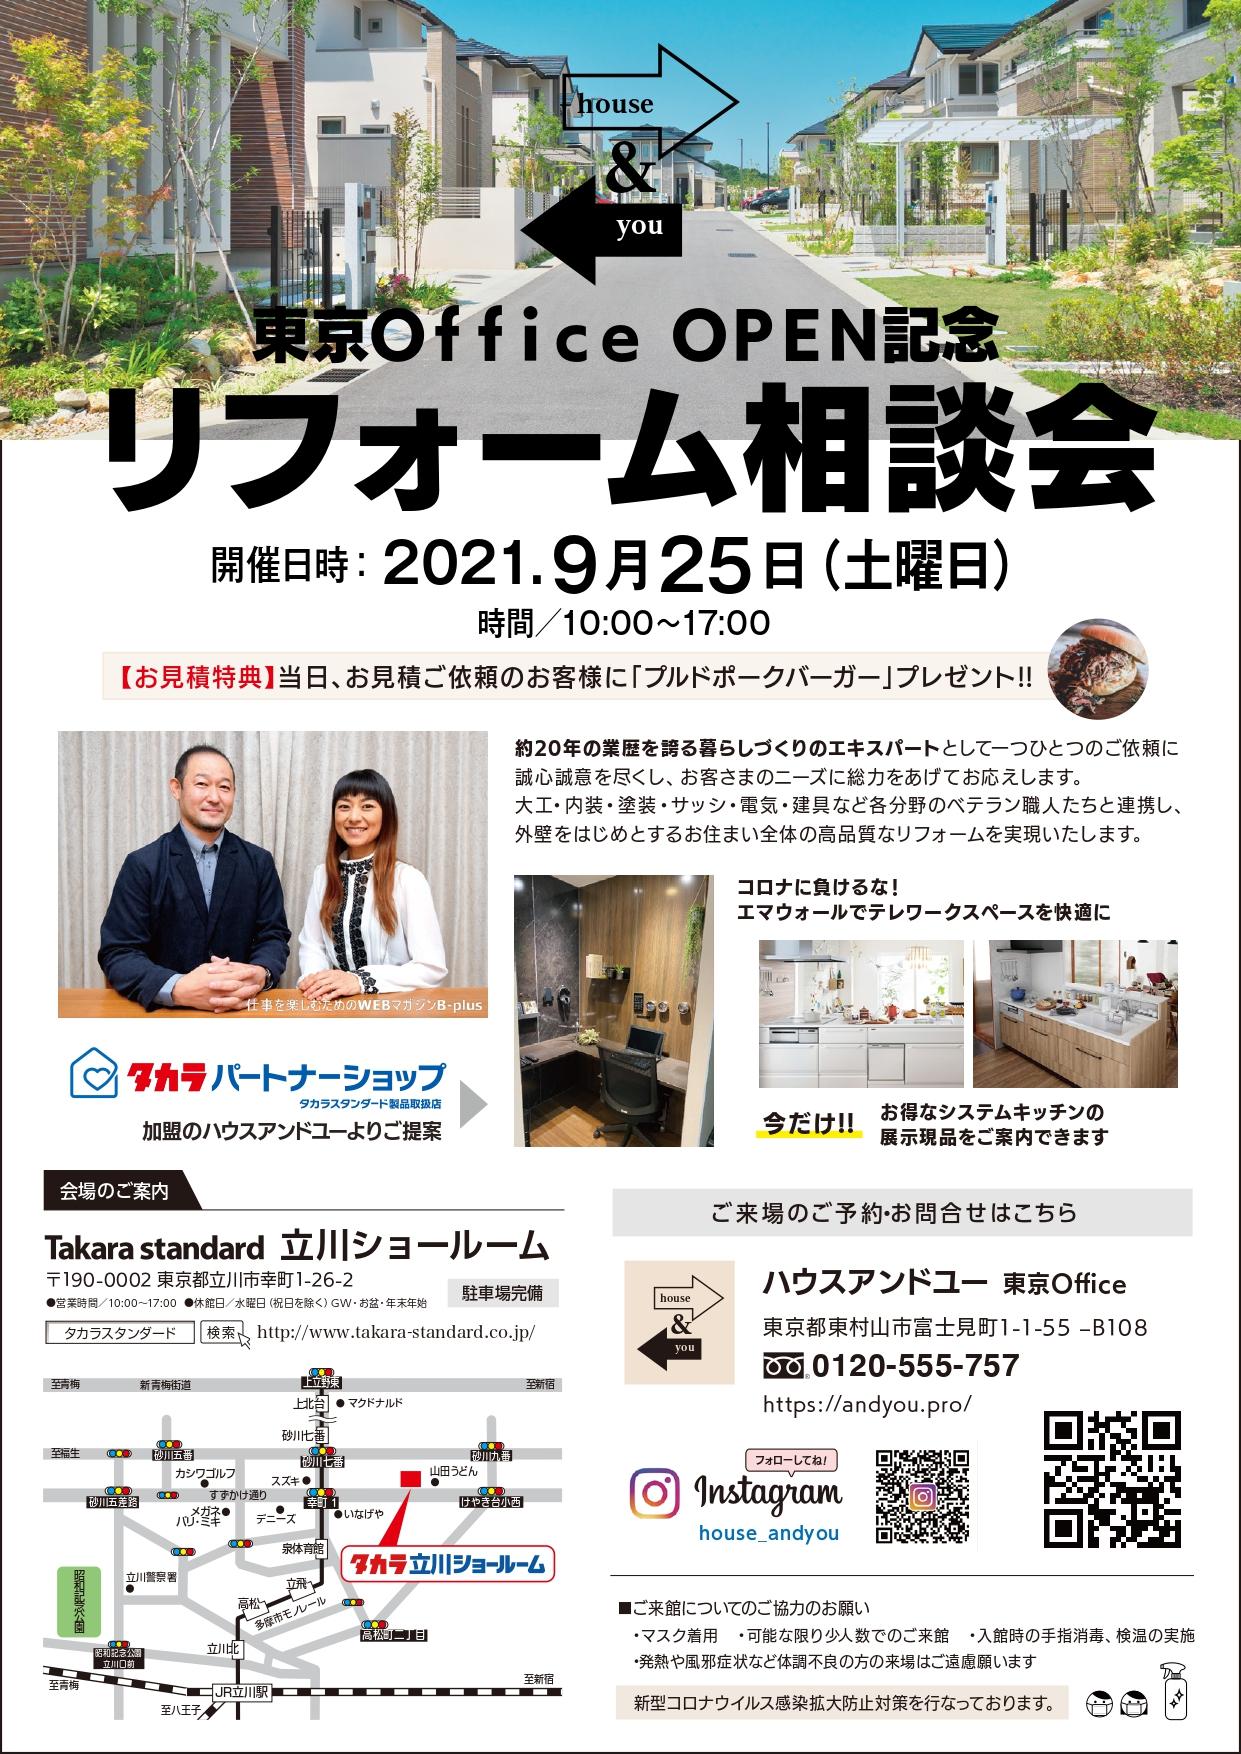 【9/25 イベント開催】リフォーム相談会にぜひお越しください